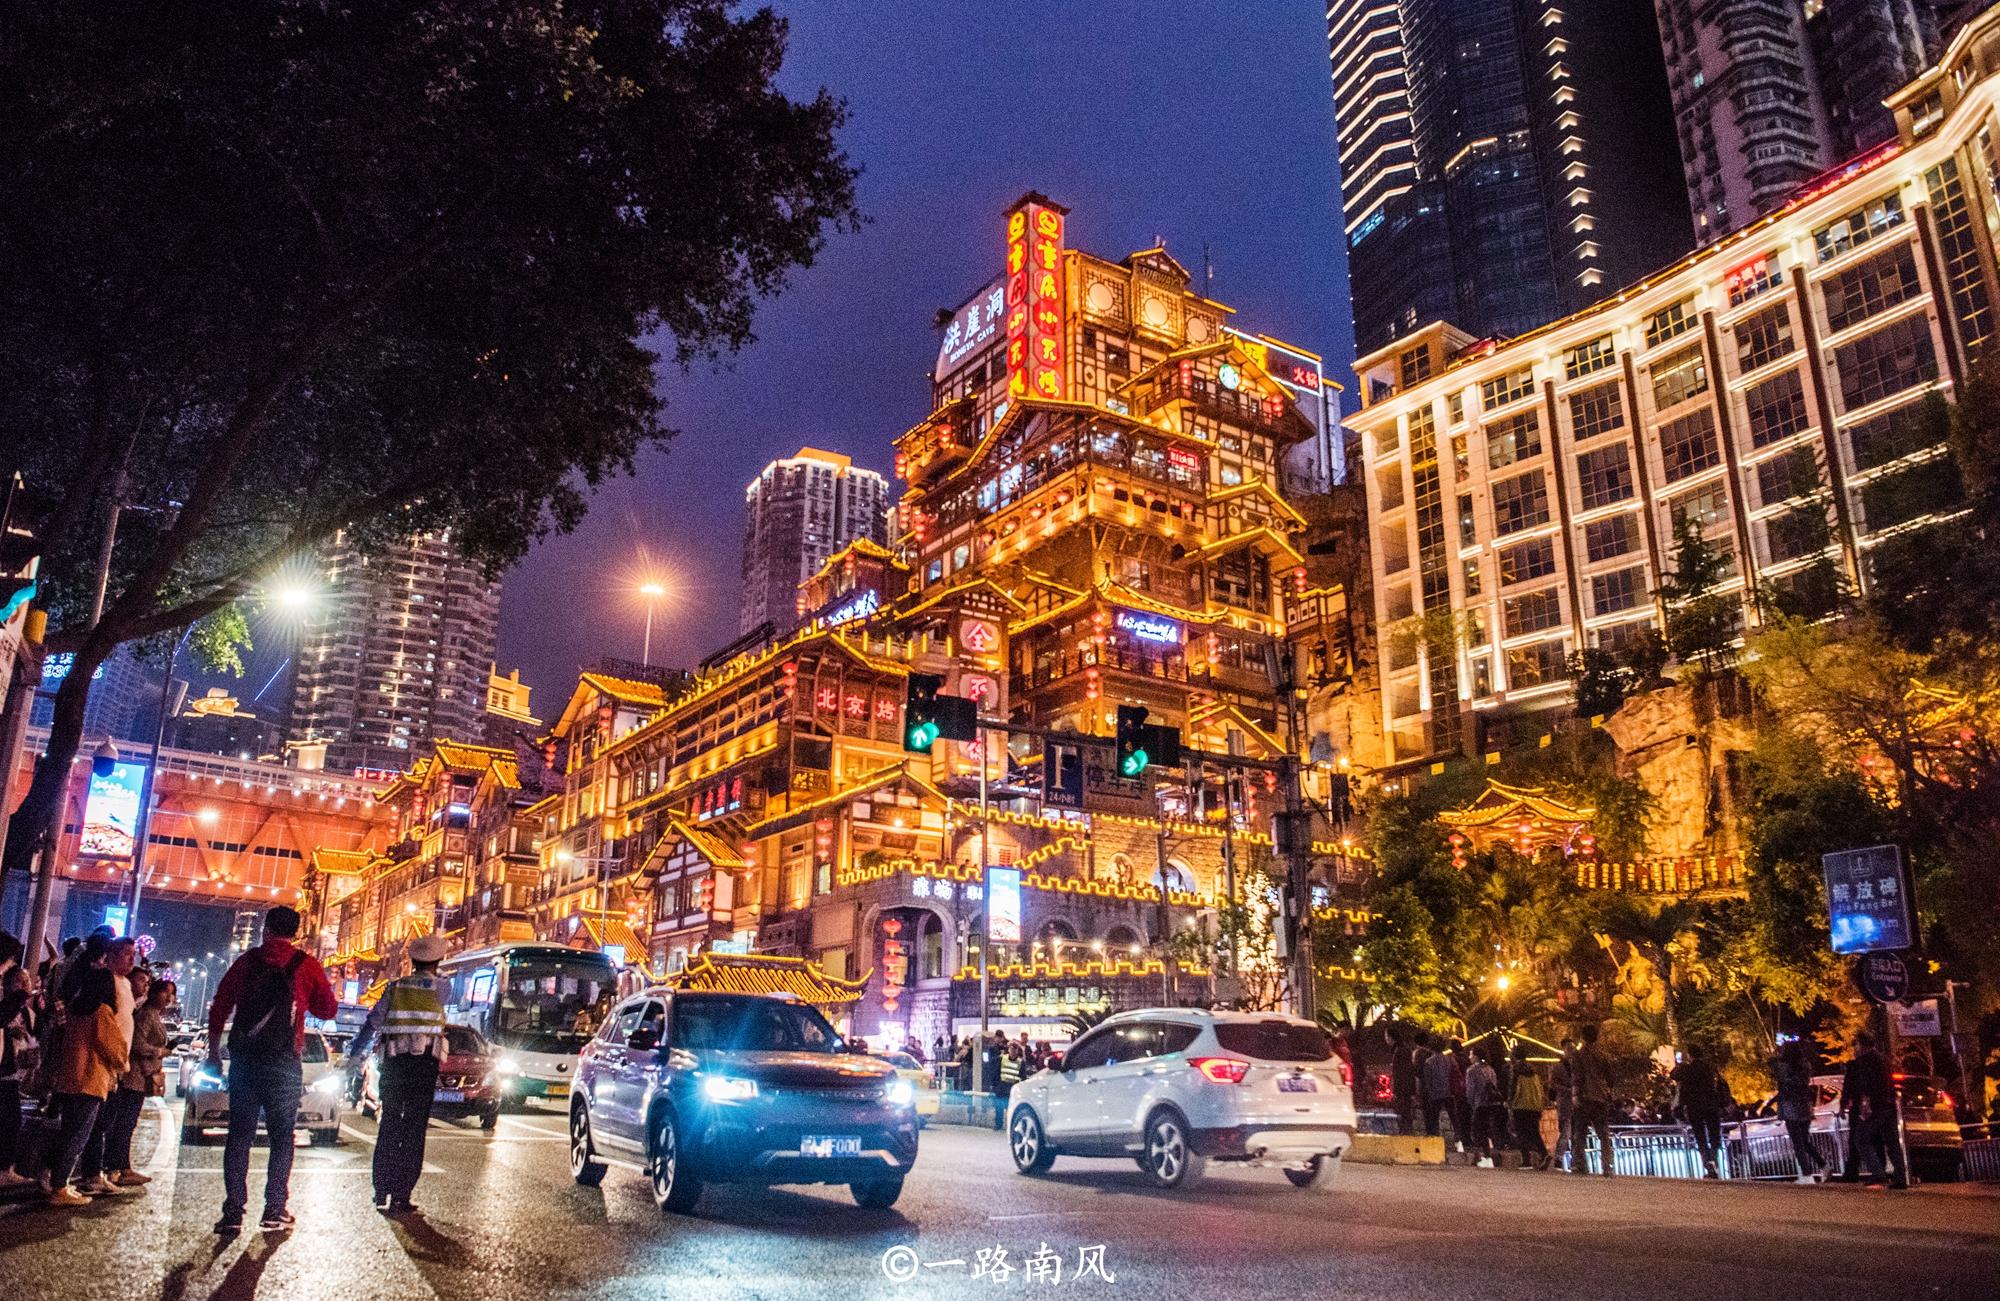 中国最美春色城市_中国最人性化的城市,大多数景点都免费,就是重庆!_解放碑